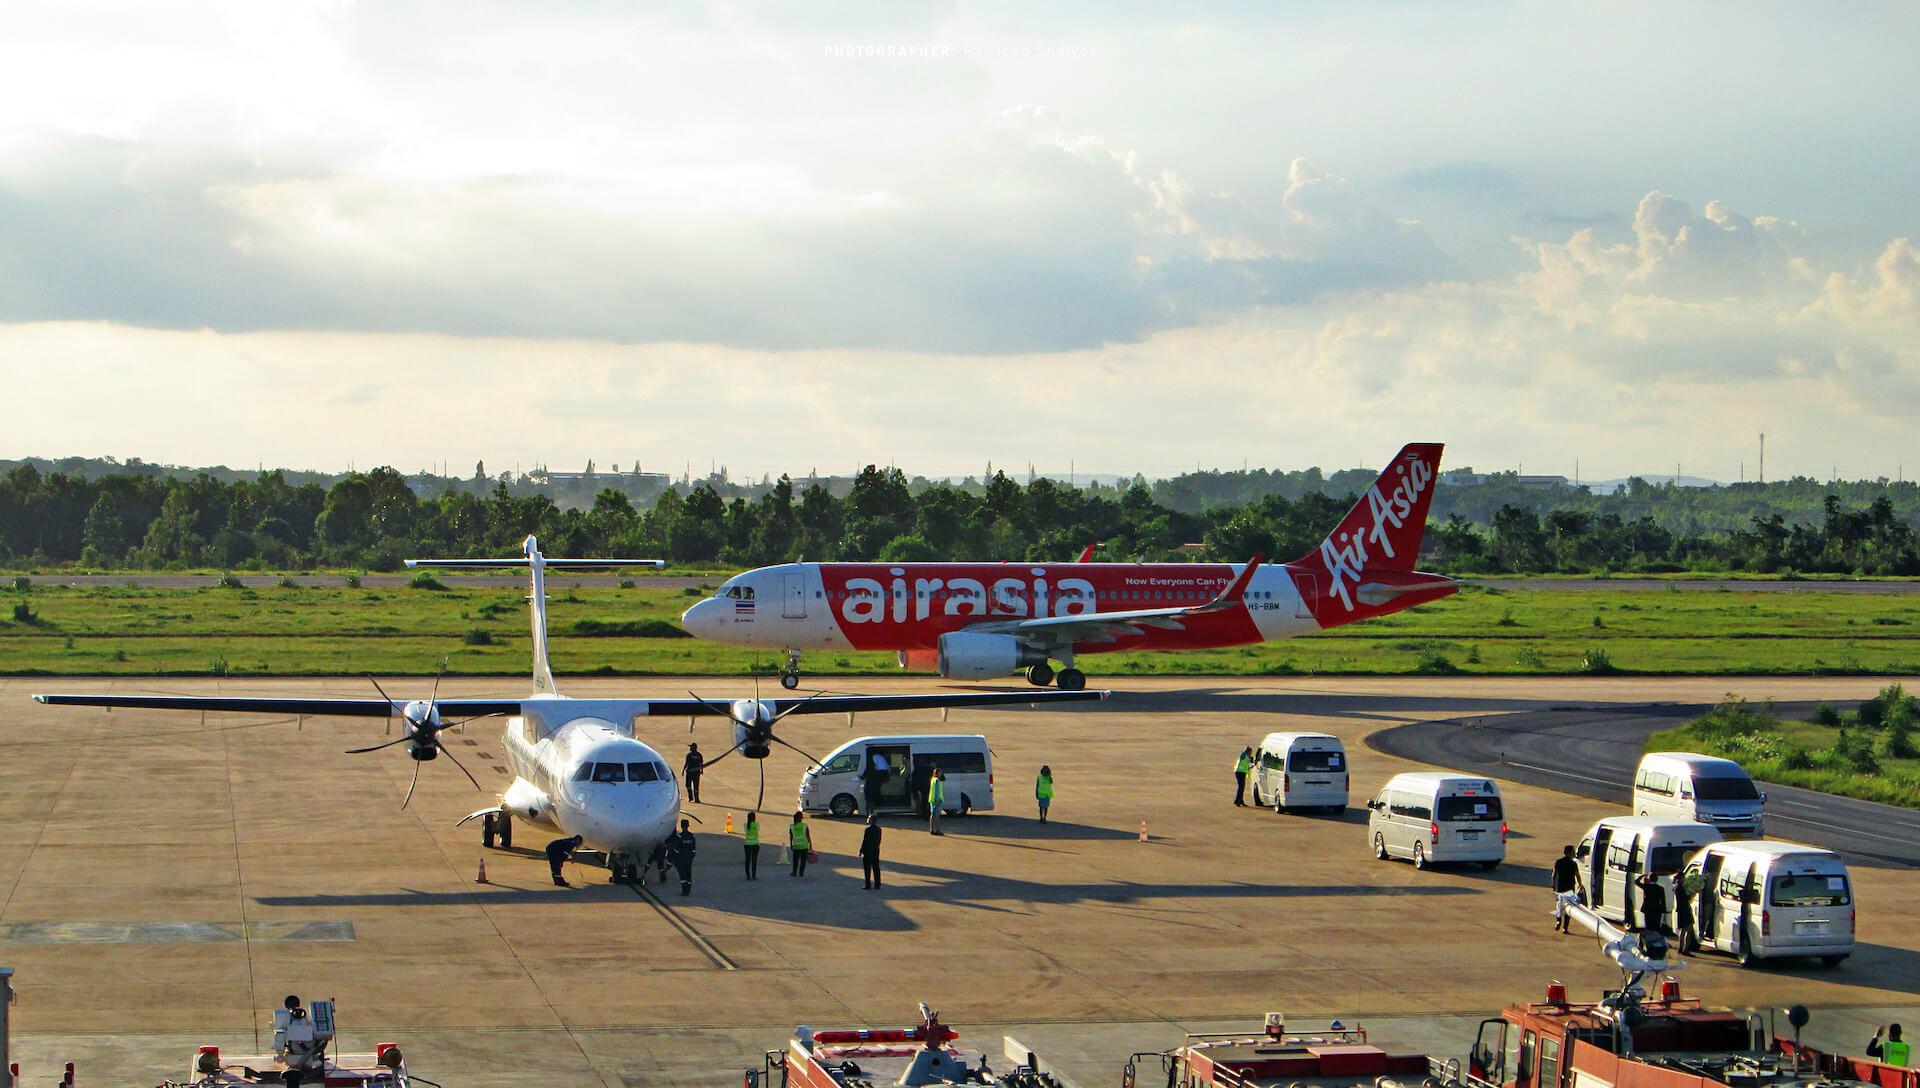 Air Asia Khon Khaen Airport Thailand